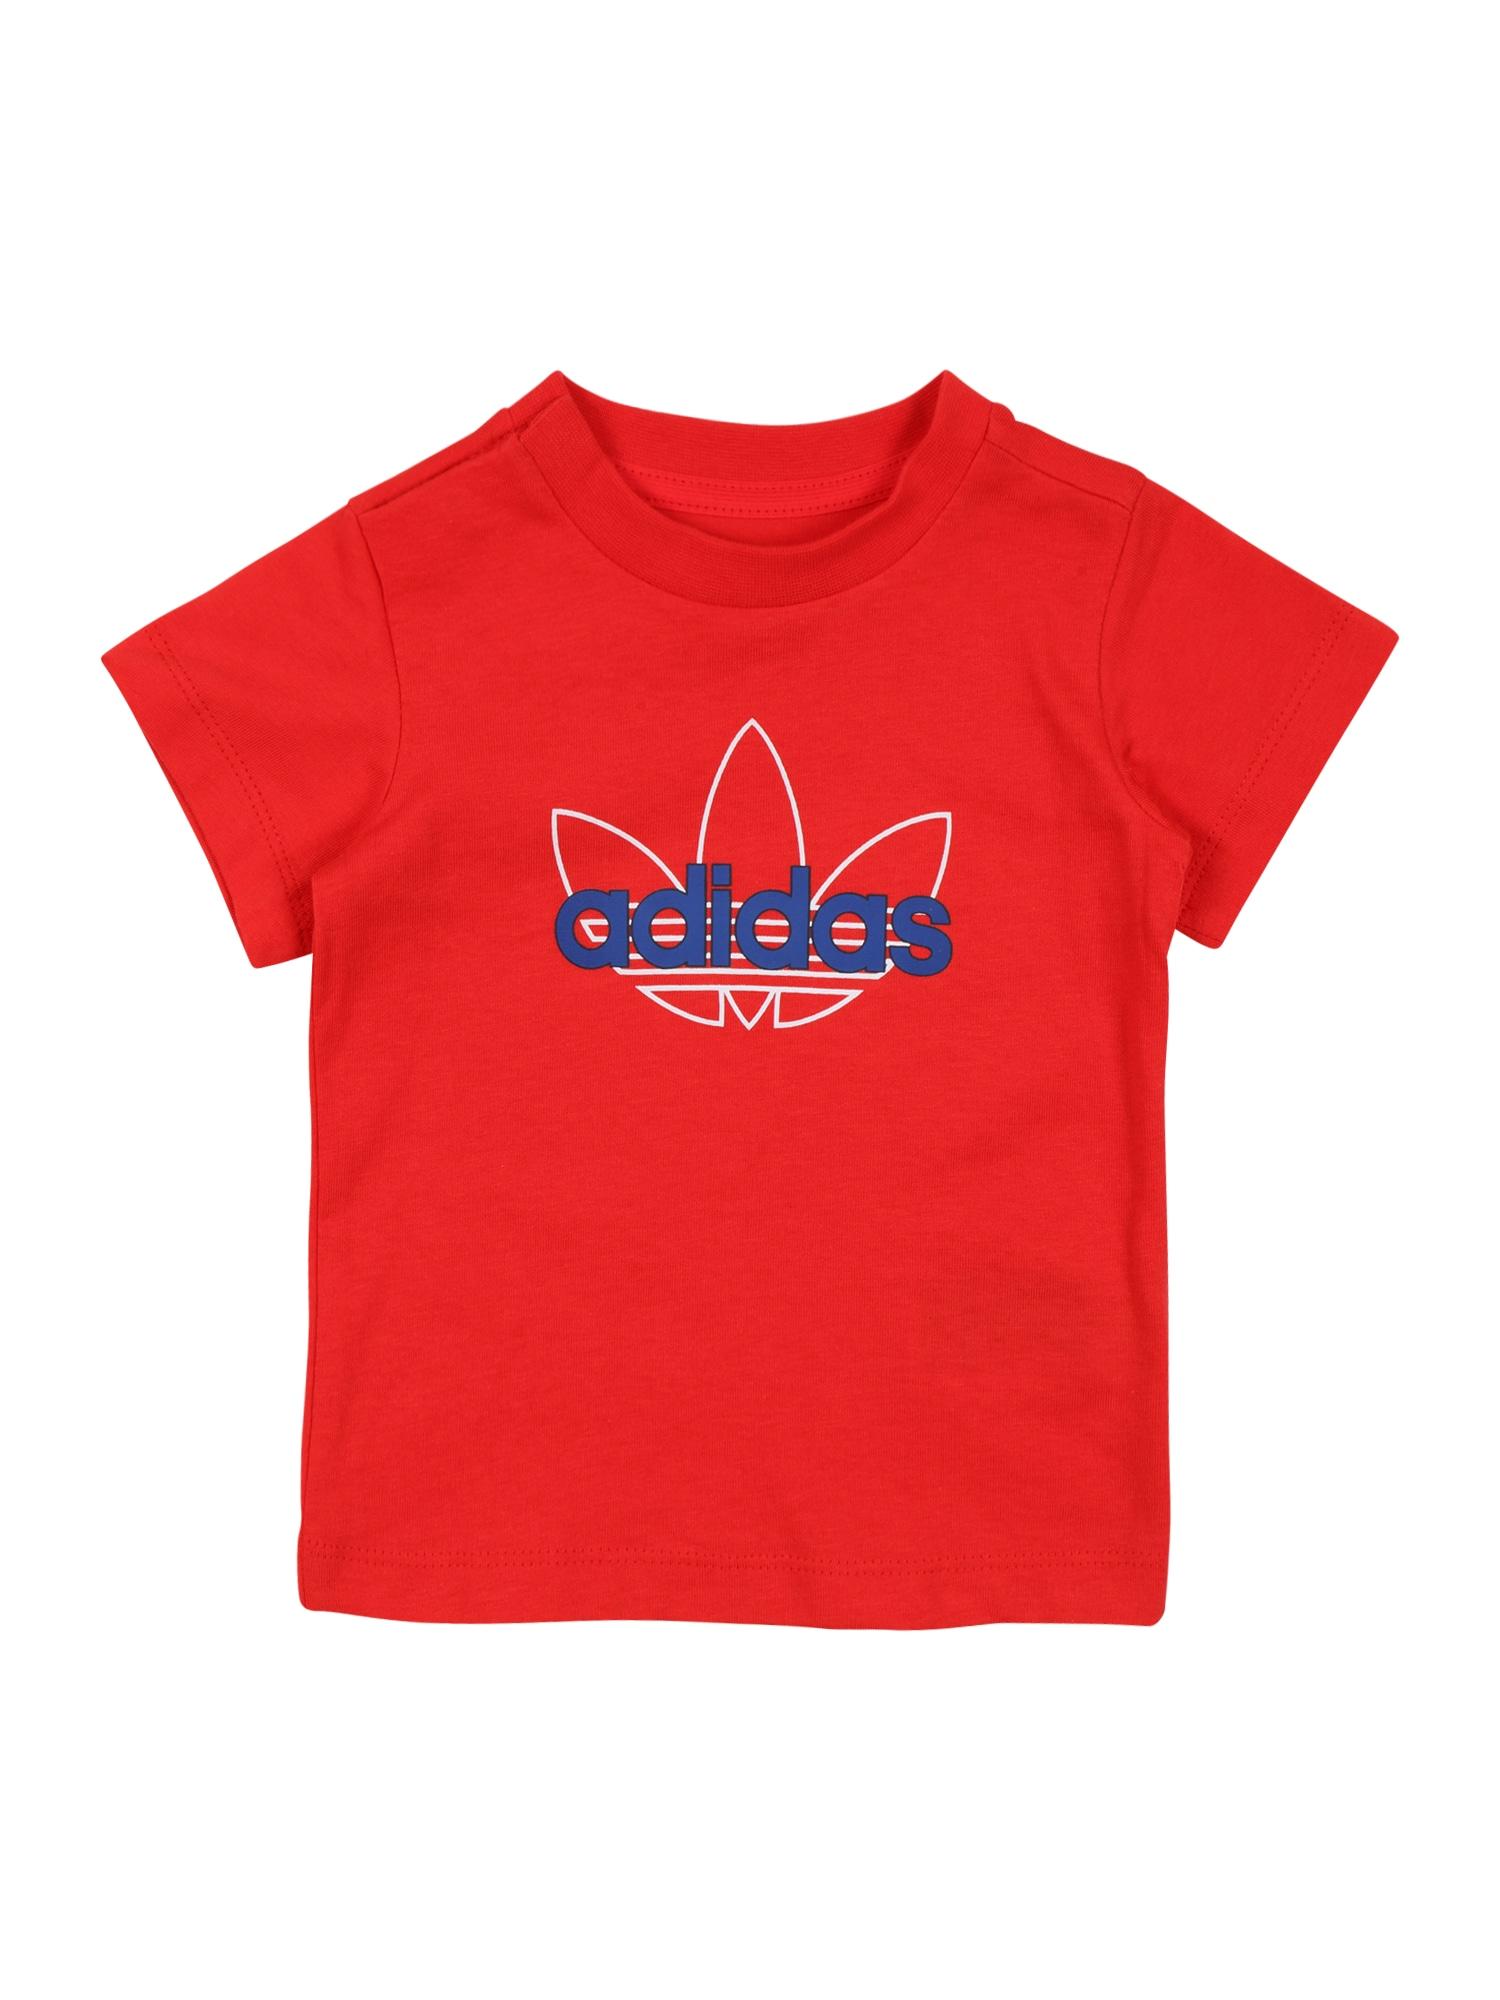 ADIDAS ORIGINALS Marškinėliai raudona / balta / mėlyna